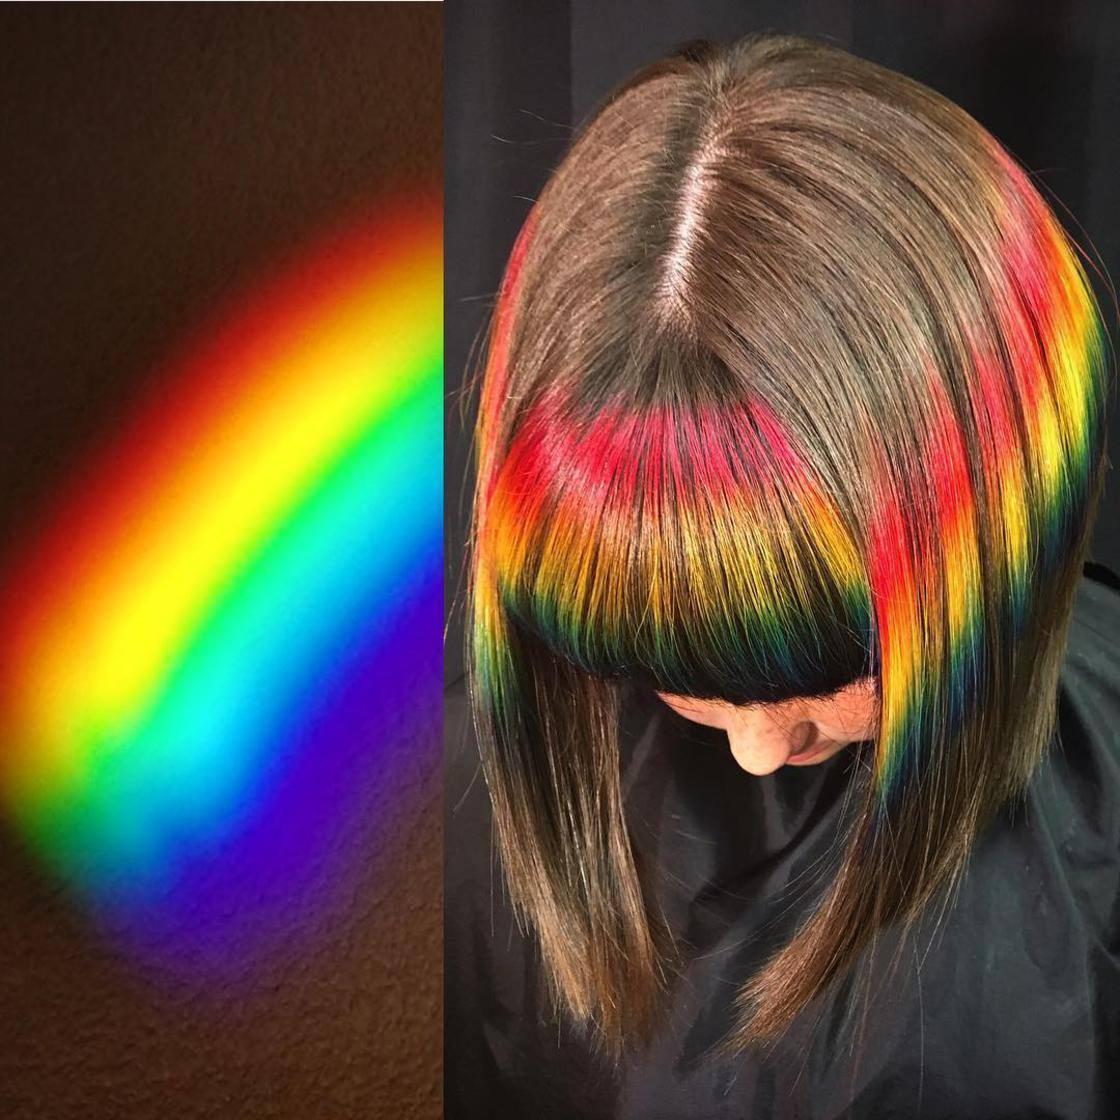 Artista se inspira em imagens fantásticas para mudar a cor do cabelo 11